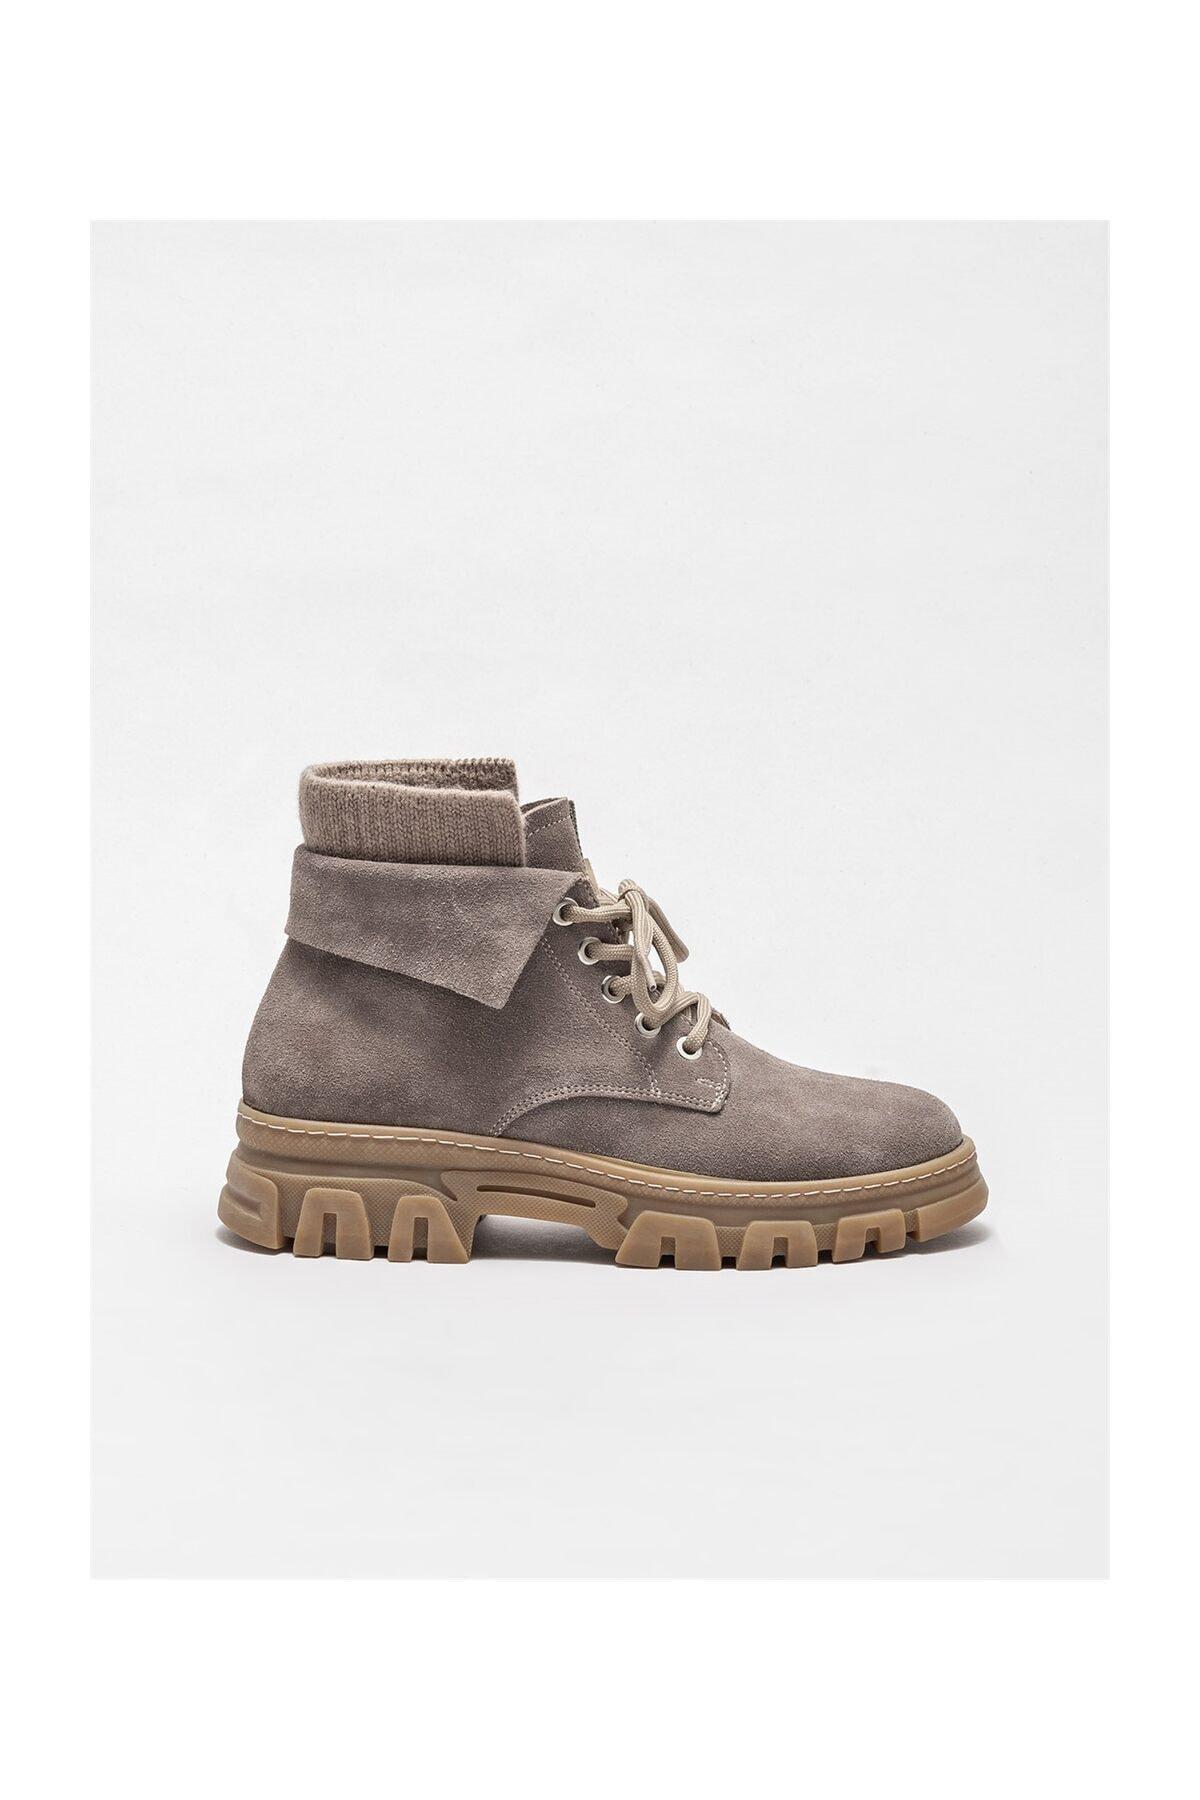 Elle Shoes Kadın Bot & Bootie 20KRGN-31 1